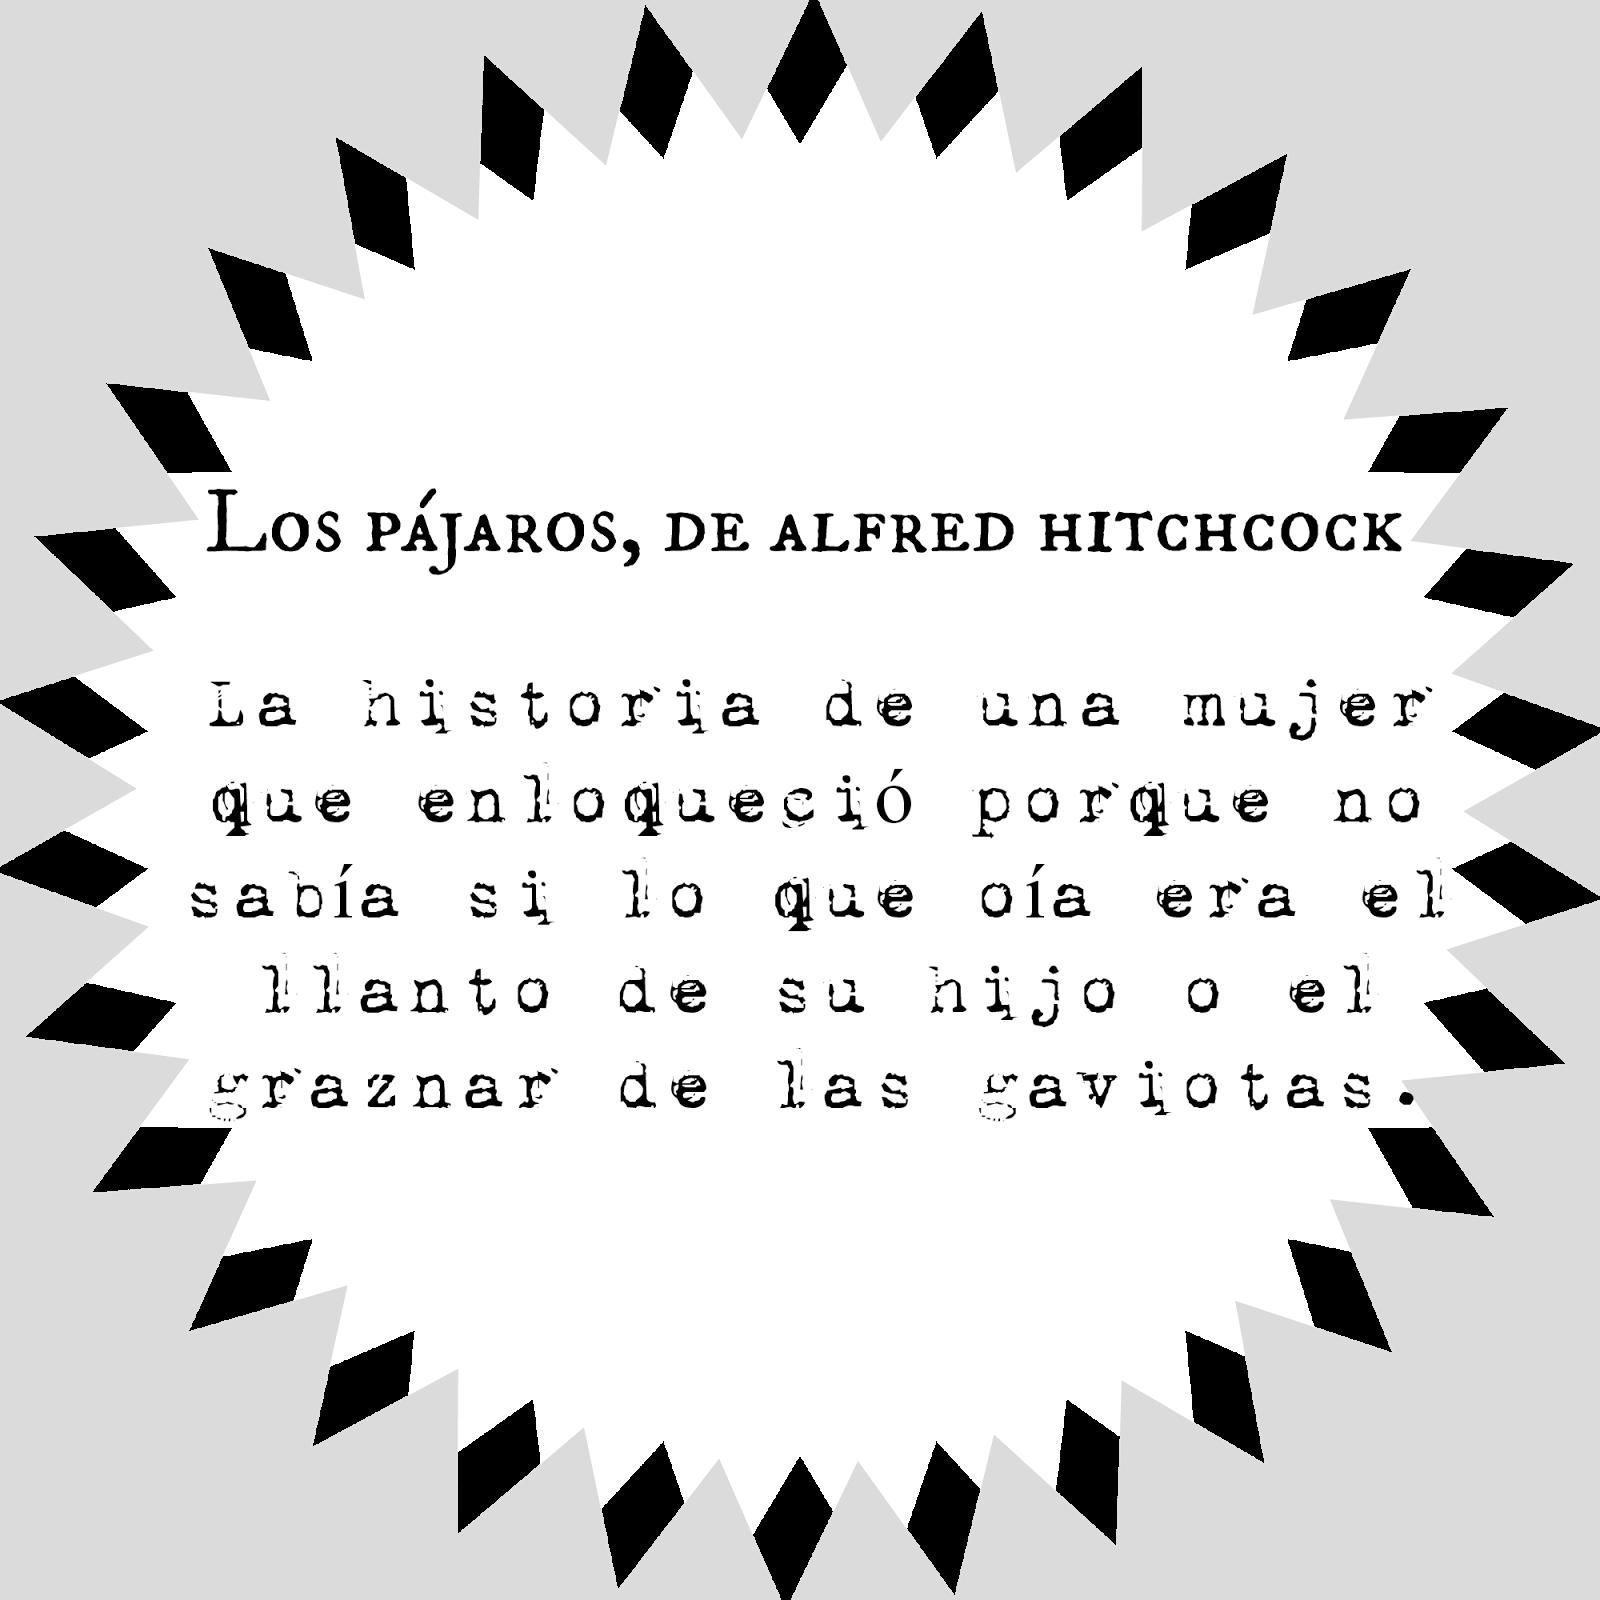 Los pajaros de Alfred Hitchcock